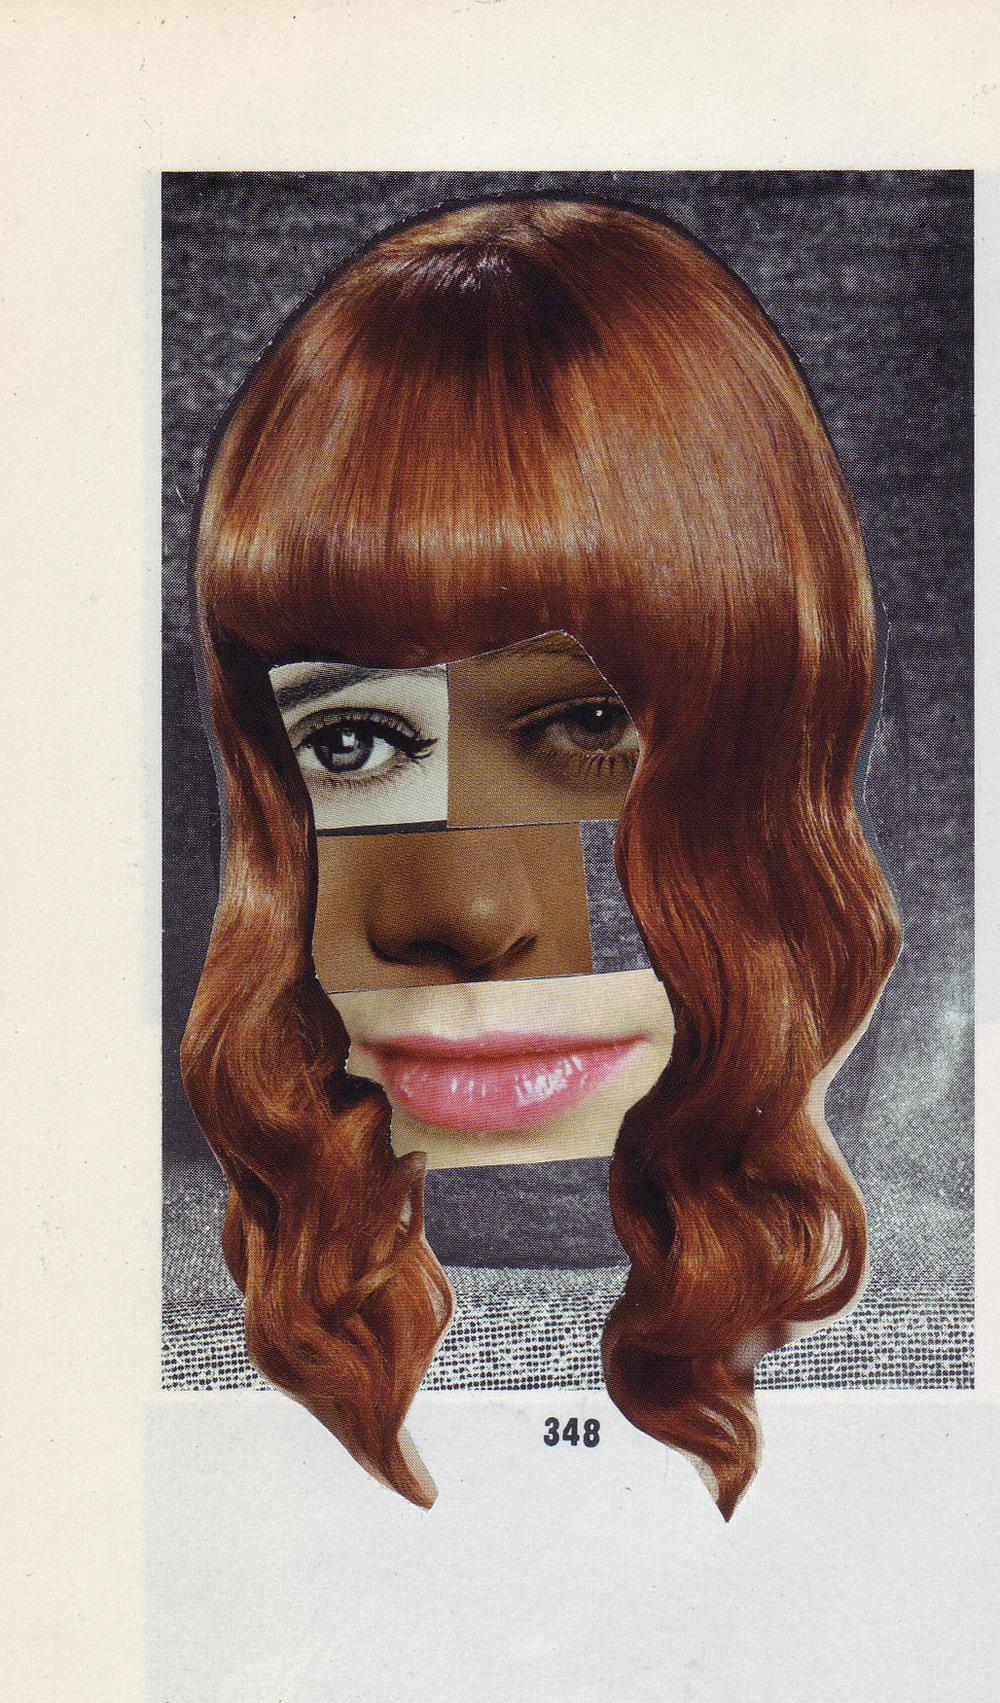 face-pot-348.jpg